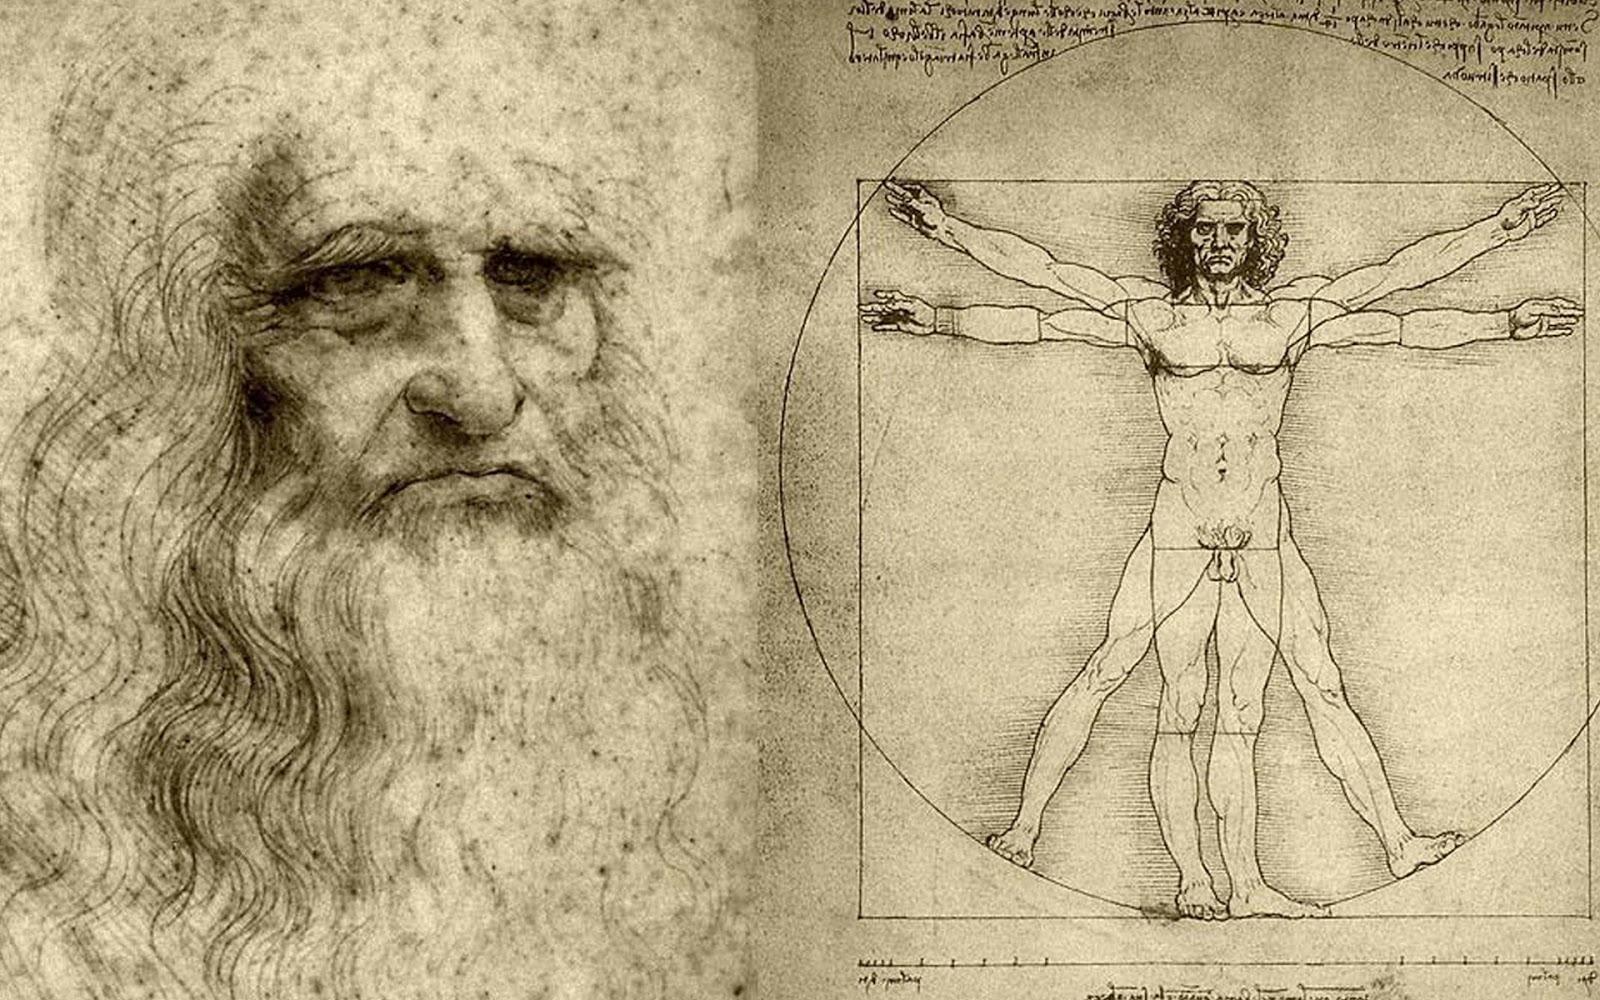 """El 15 de abril de 1452 nacía el genio italiano y universal Leonardo da  Vinci, que entre otras cosas se sabe que ha pintado el cuadro """"Mona Lisa""""."""